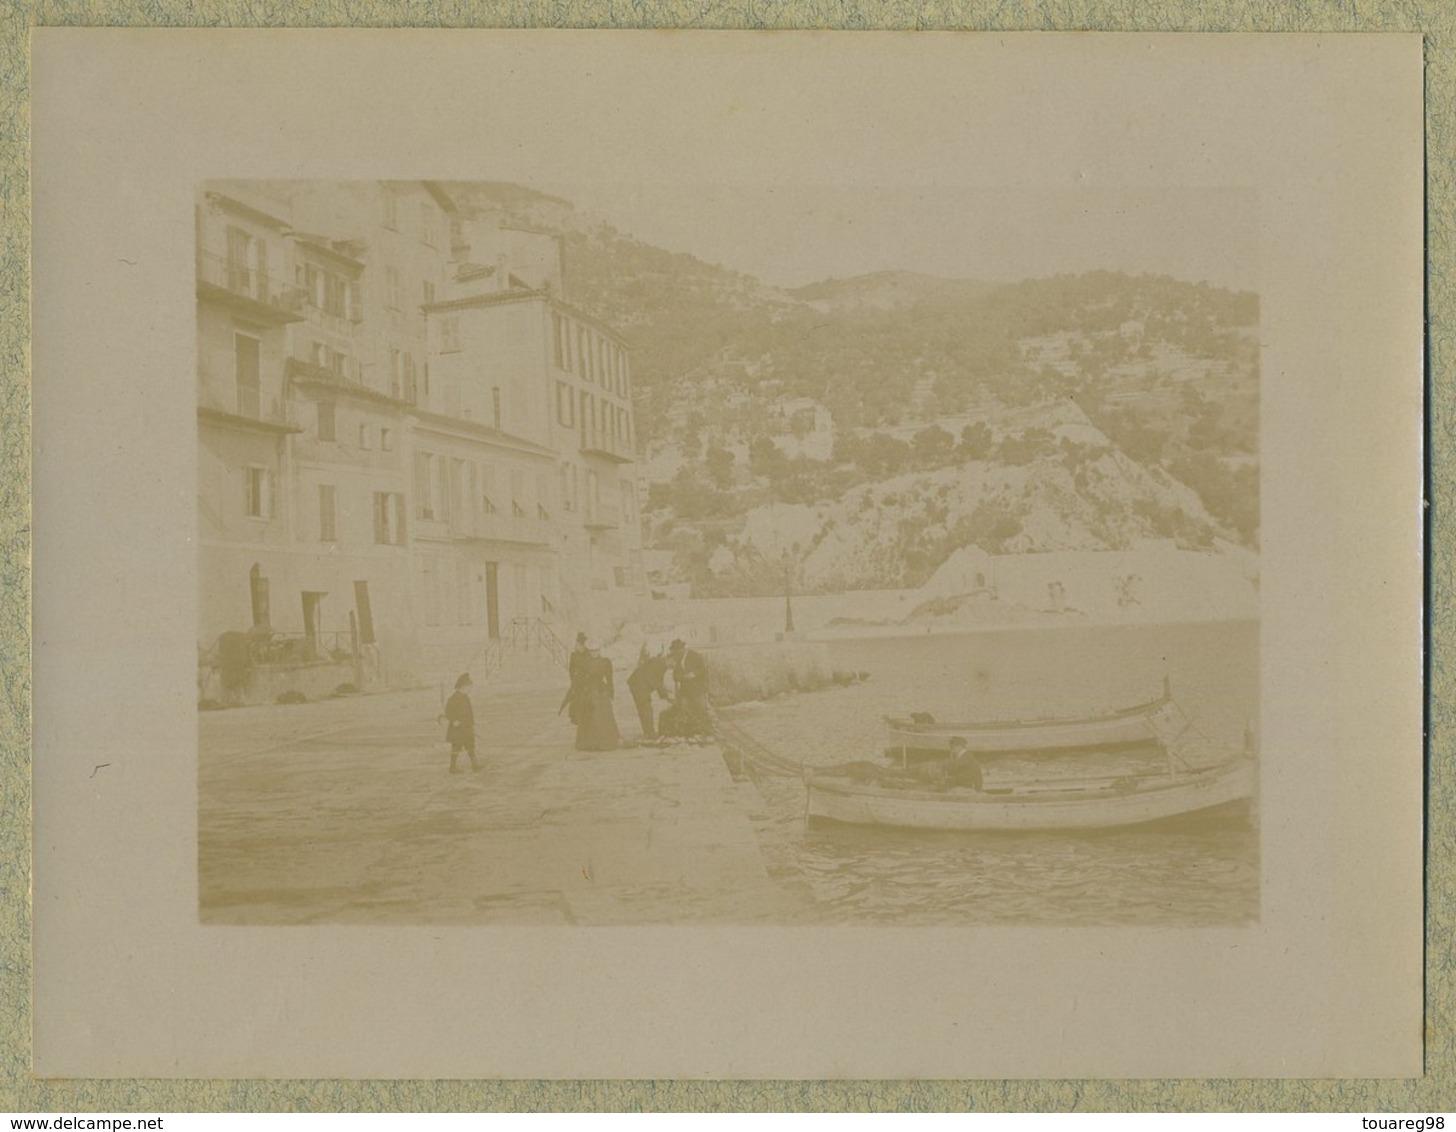 Une Des Rues Couvertes De Villefranche-sur-mer (Alpes-Maritimes). Barques. 1899. - Photographs